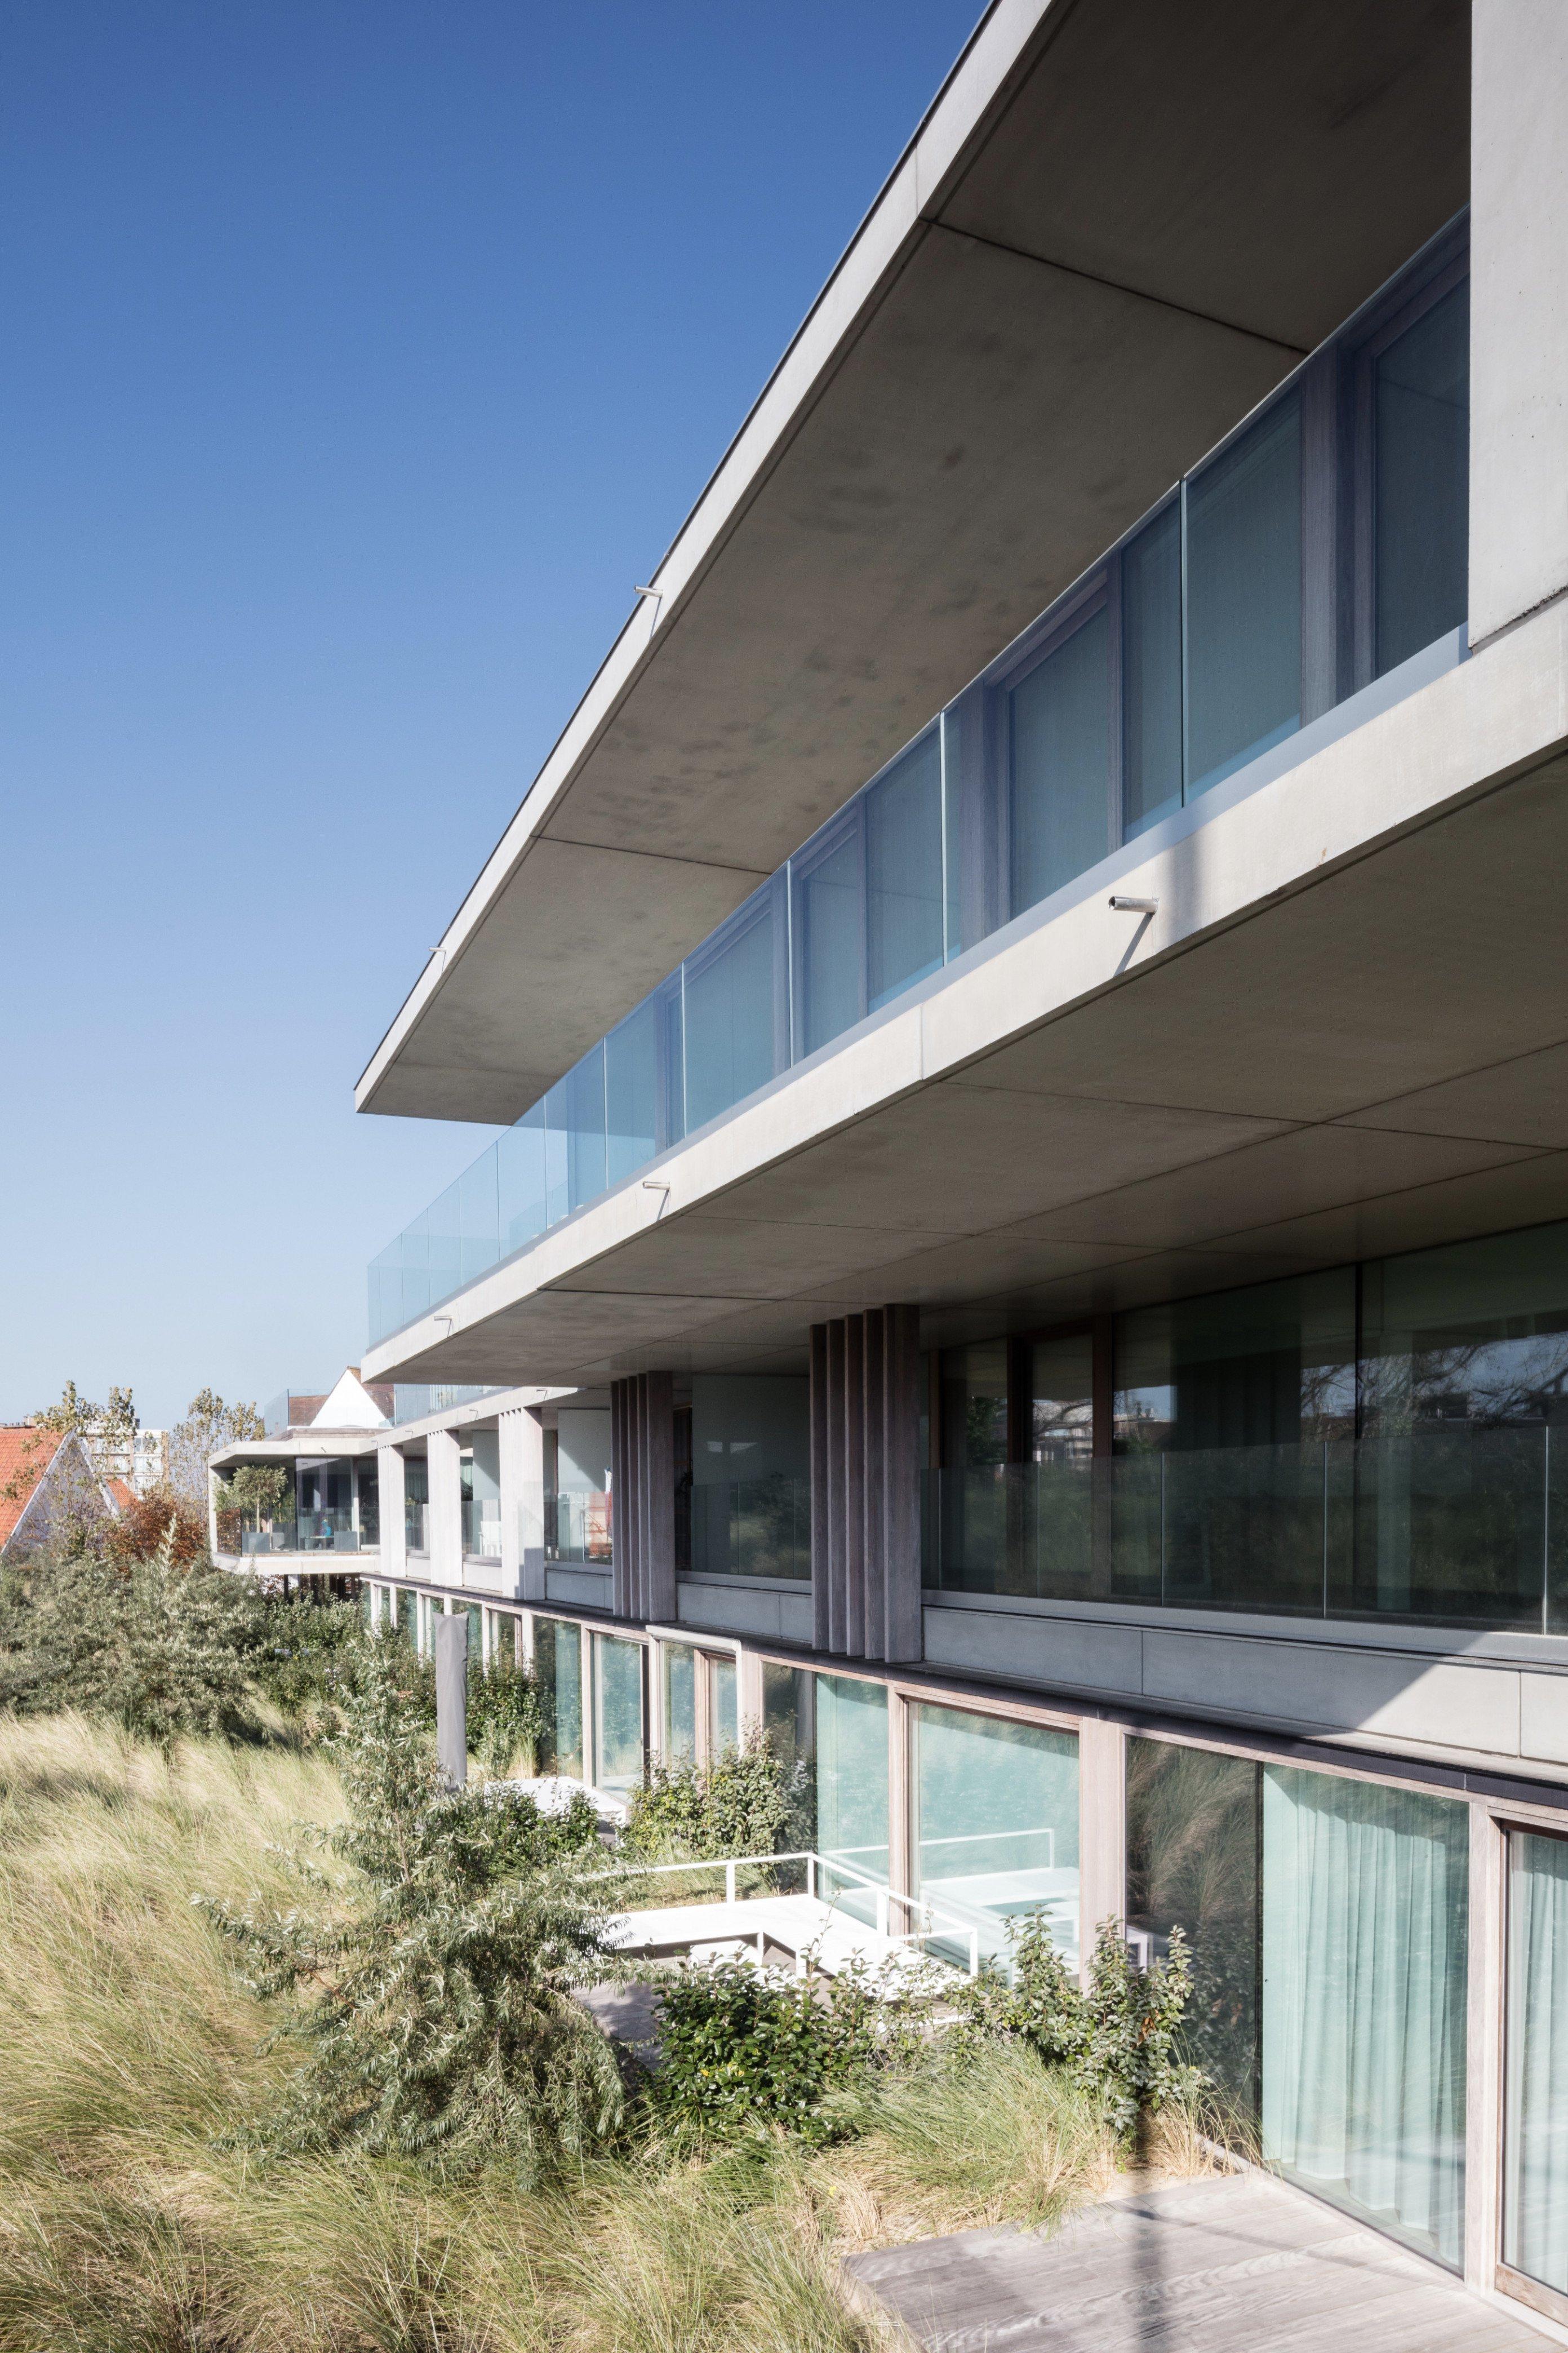 Rietveldprojects-Corbu-Koksijde-Fototimvandevelde16